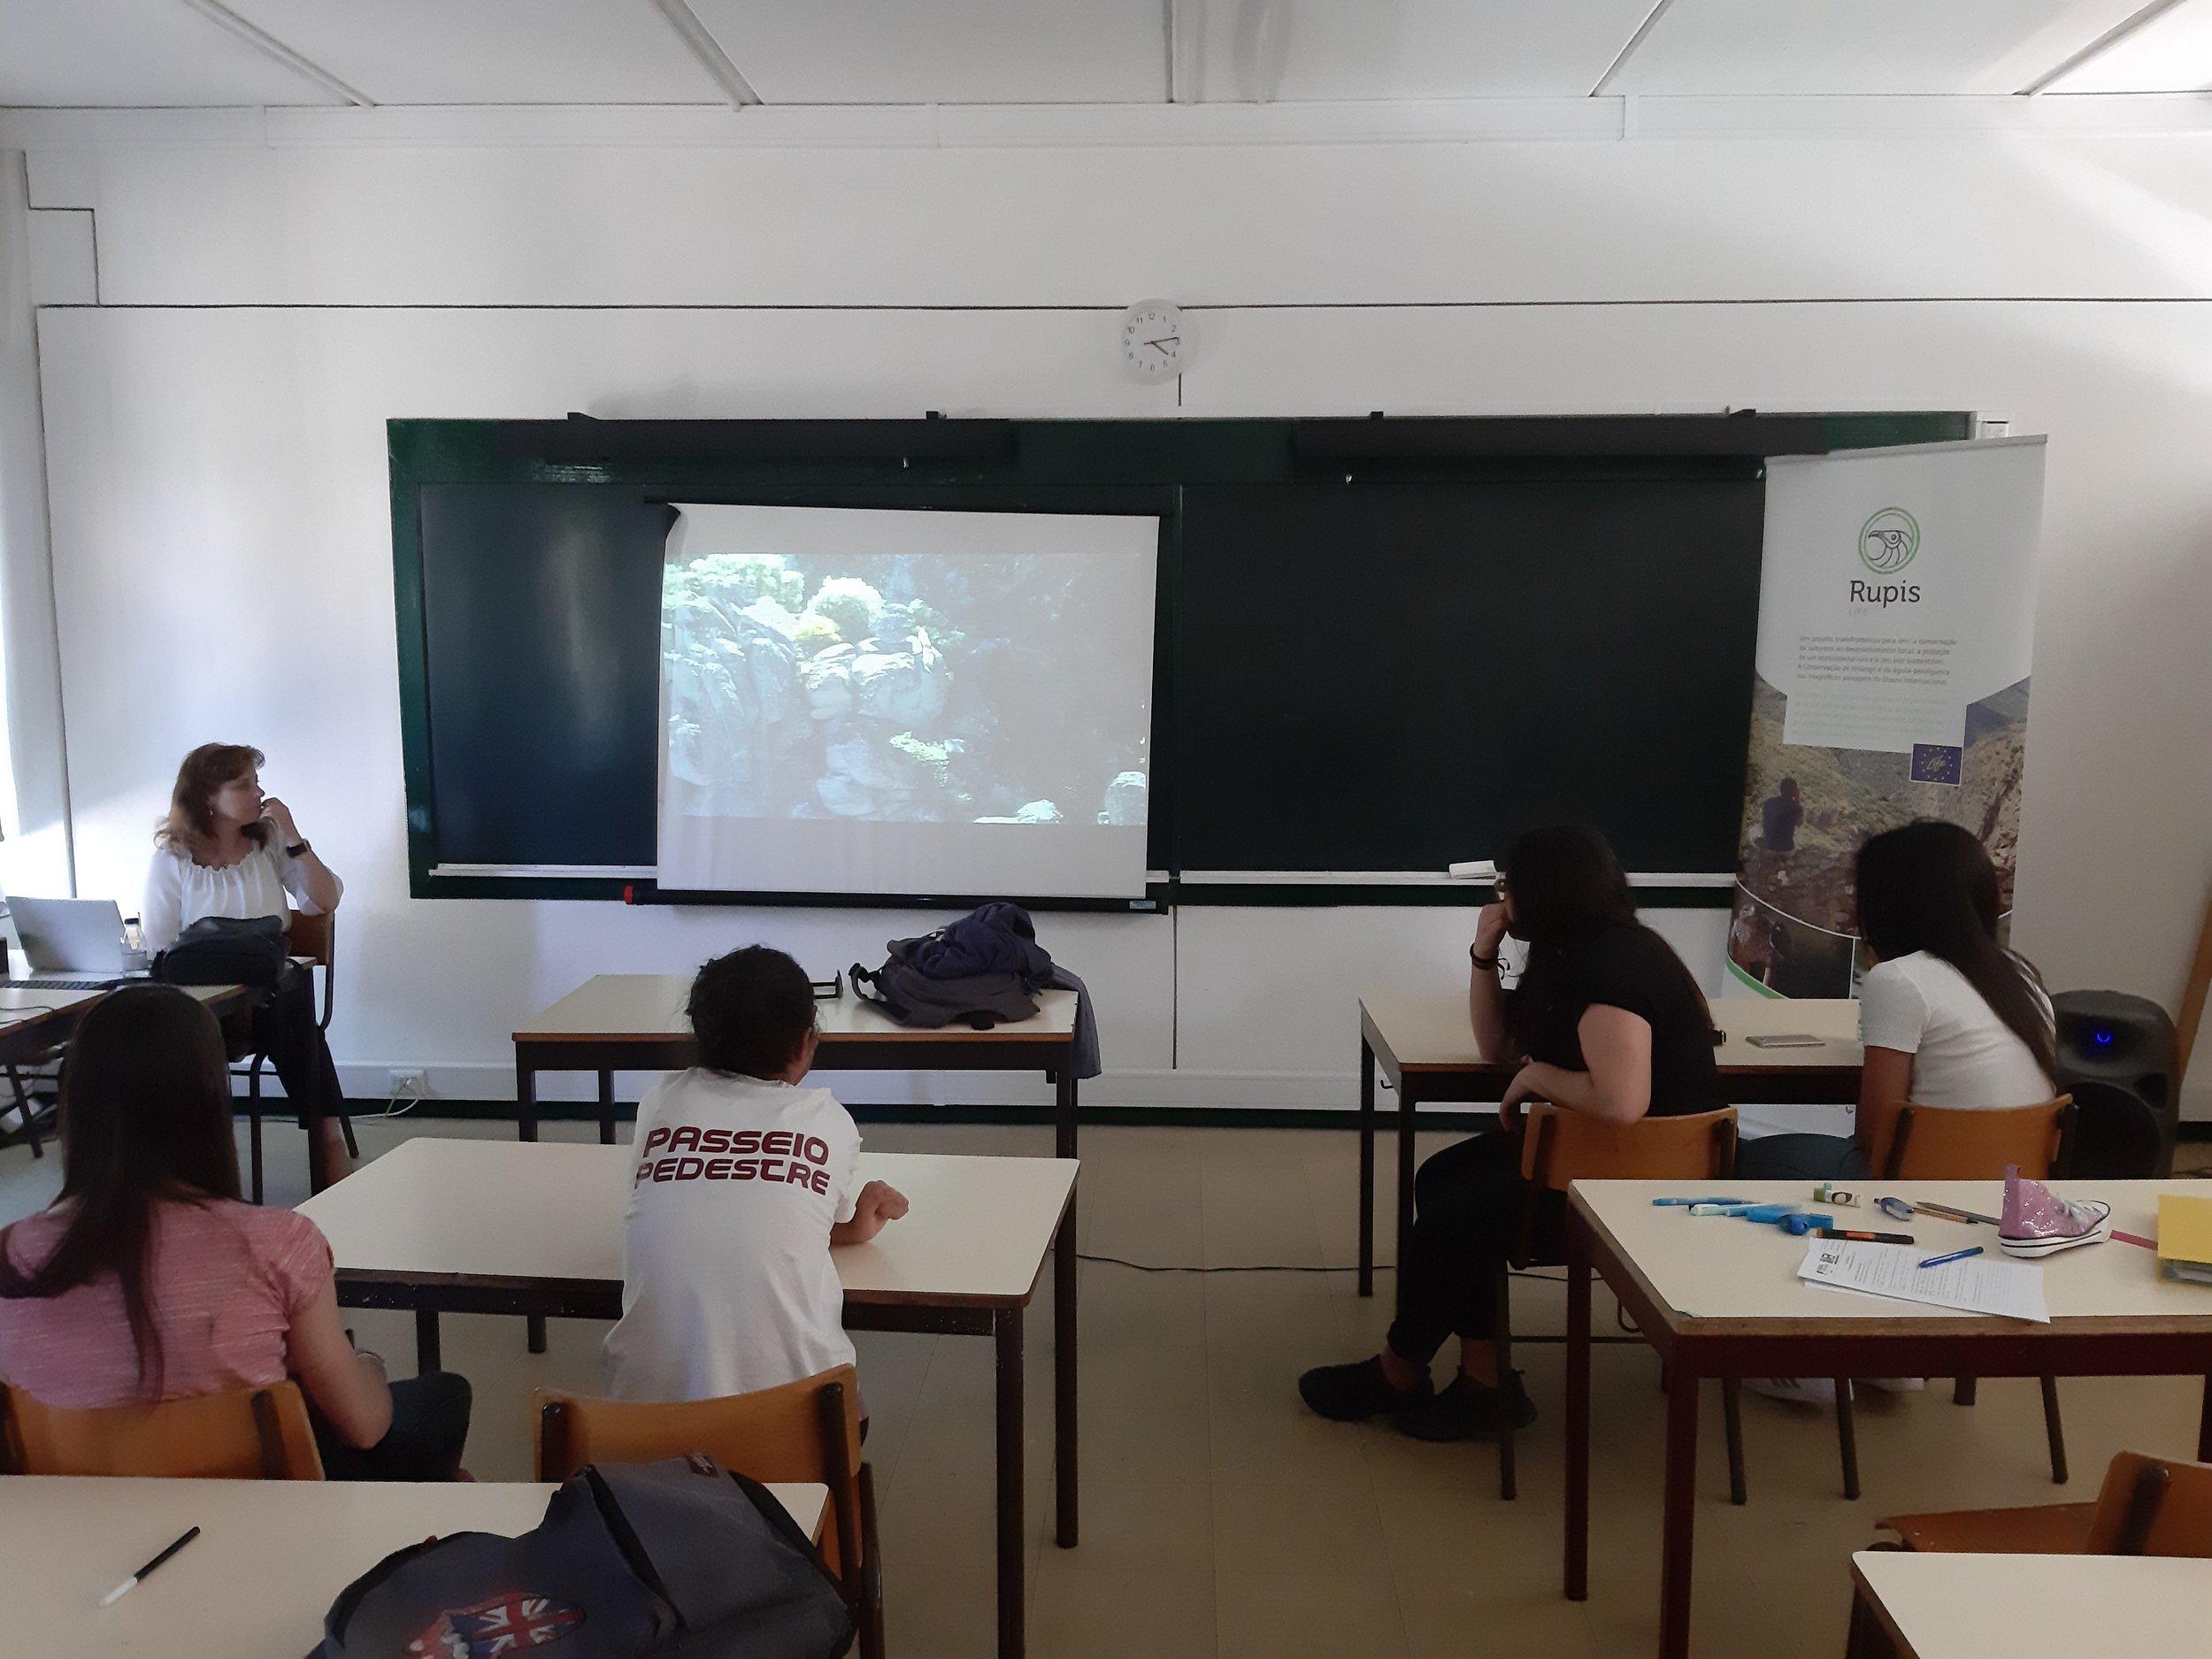 Comemoração do Dia Internacional da Biodiversidade. Alunos/as do 8.º ano - Agrupamento de Escolas de Vimioso.